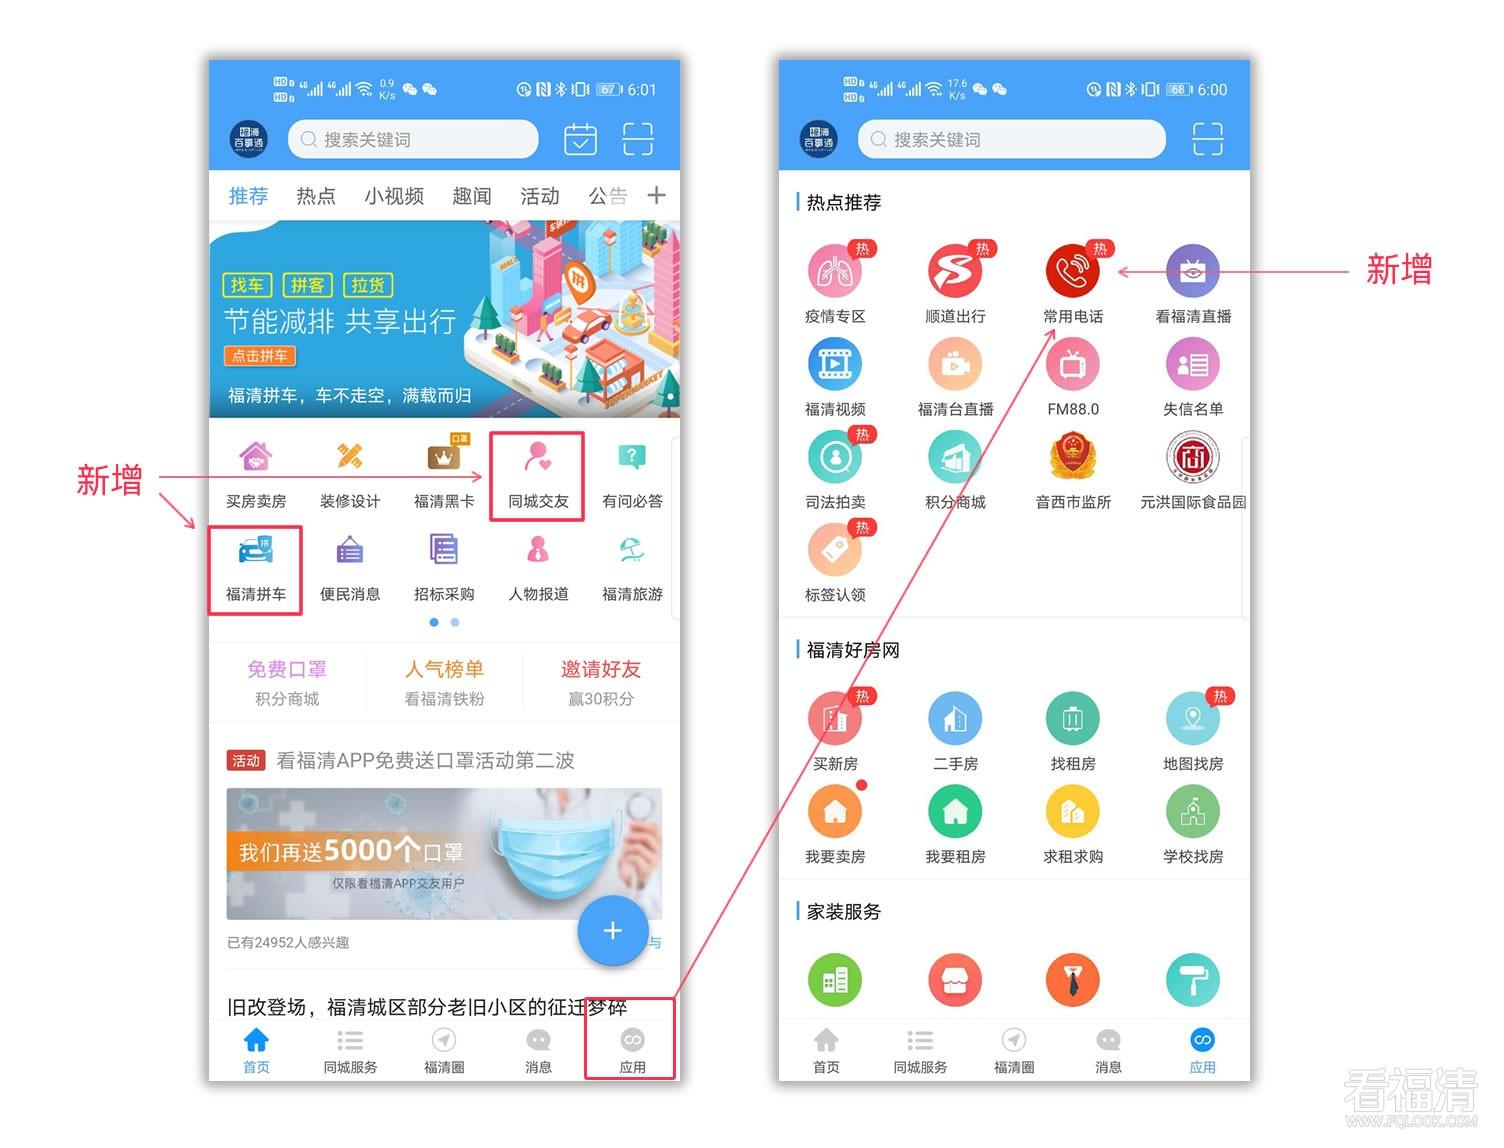 看福清app新增交友、拼车、常用电话查询模块